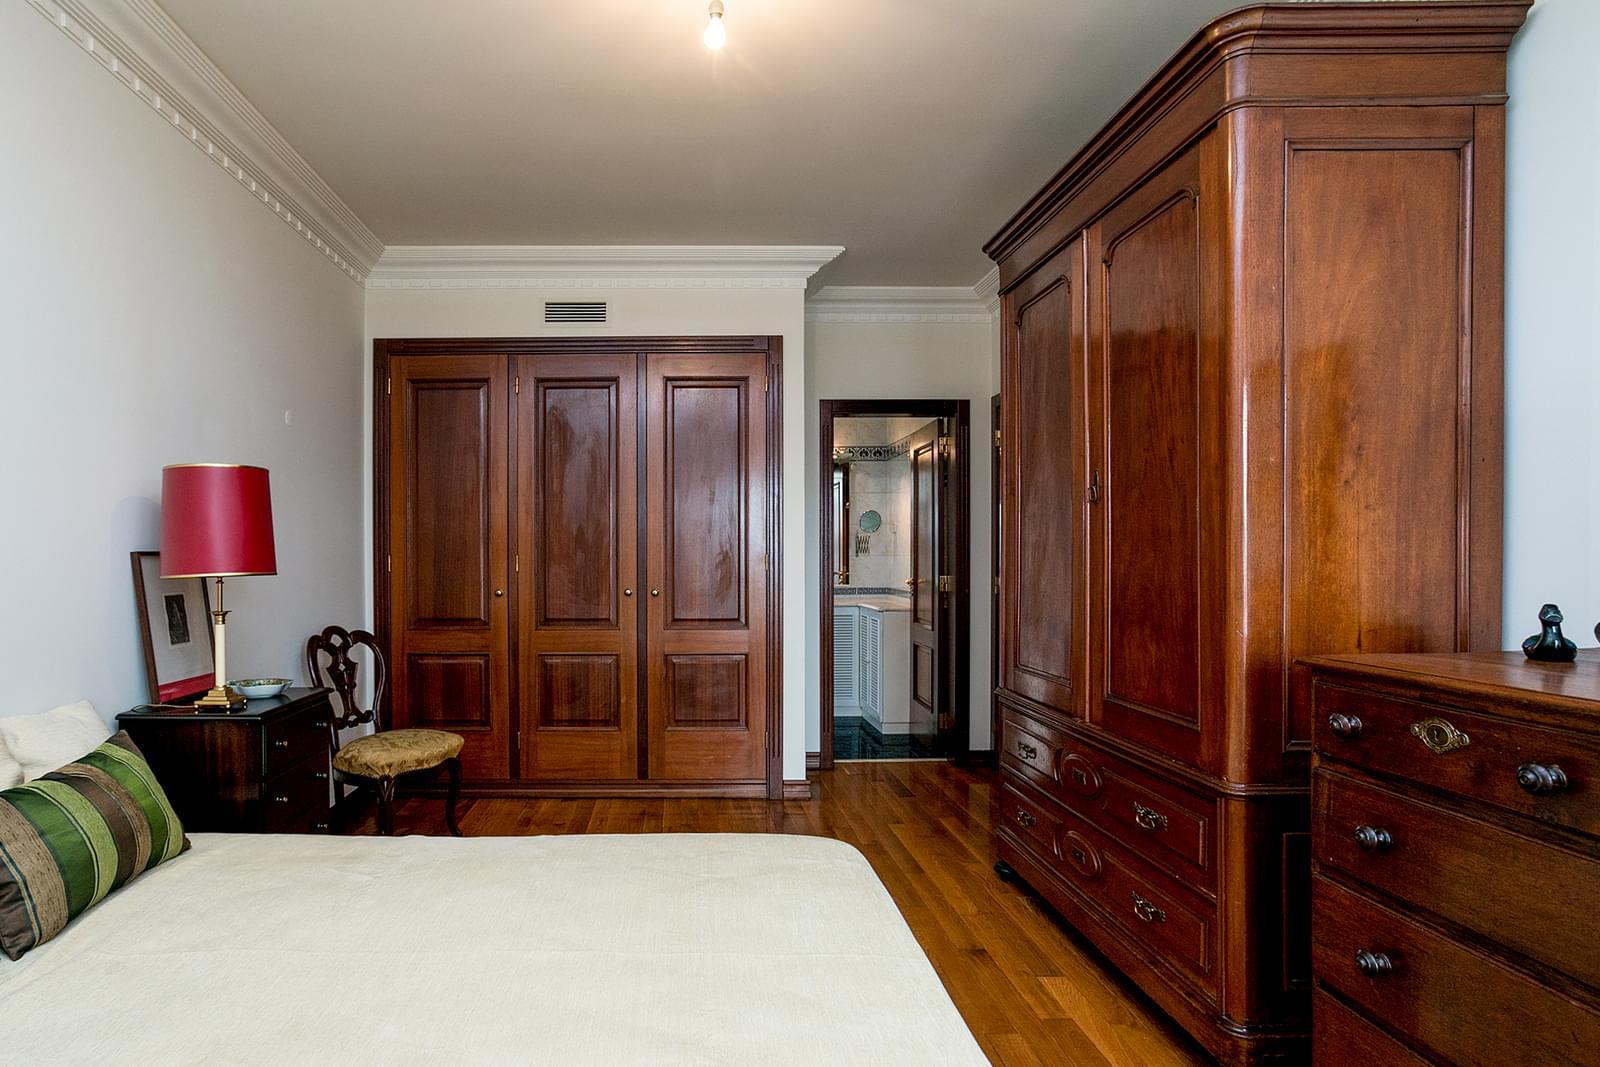 pf17352-apartamento-t3-lisboa-34b5daa4-470f-4735-bb0c-8640ad7fc7d0